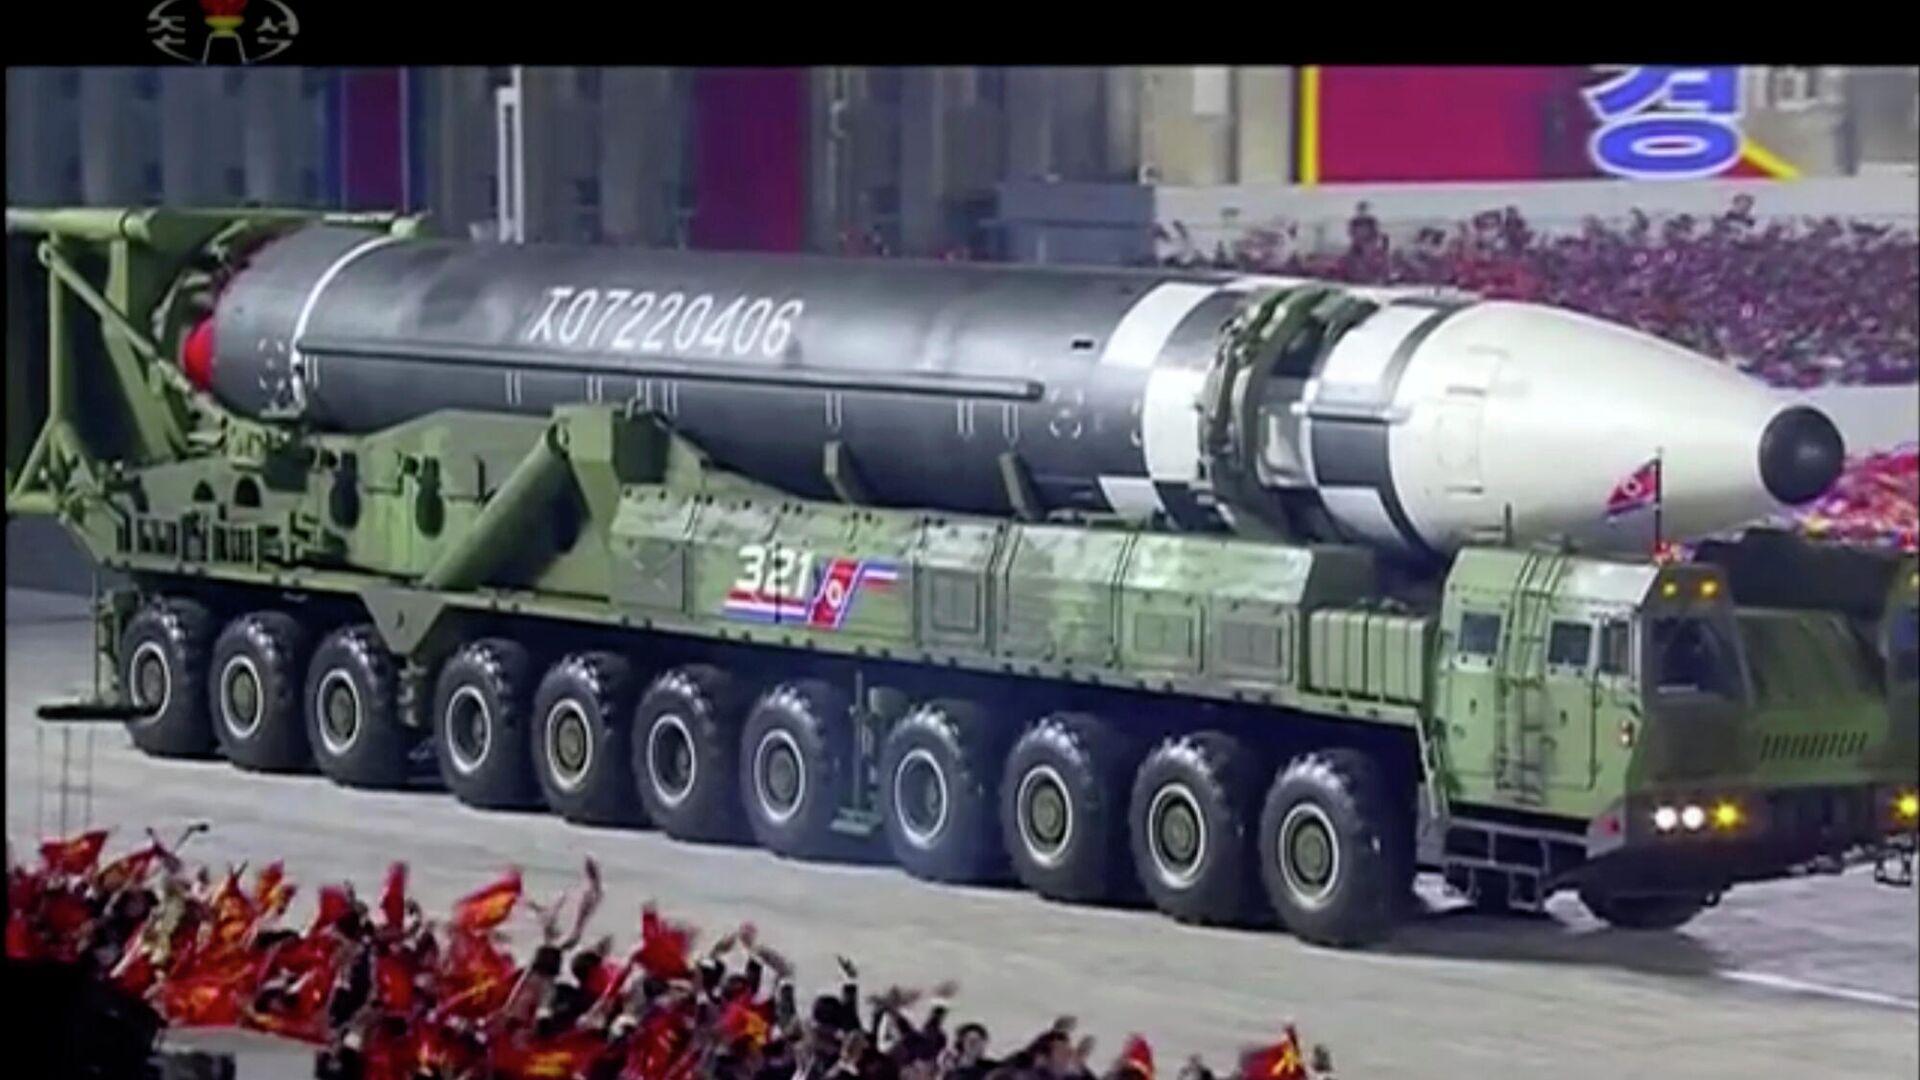 Новая баллистическая ракета во время парада в Пхеньяне, КНДР. Стоп-кадр трансляции - РИА Новости, 1920, 13.09.2021